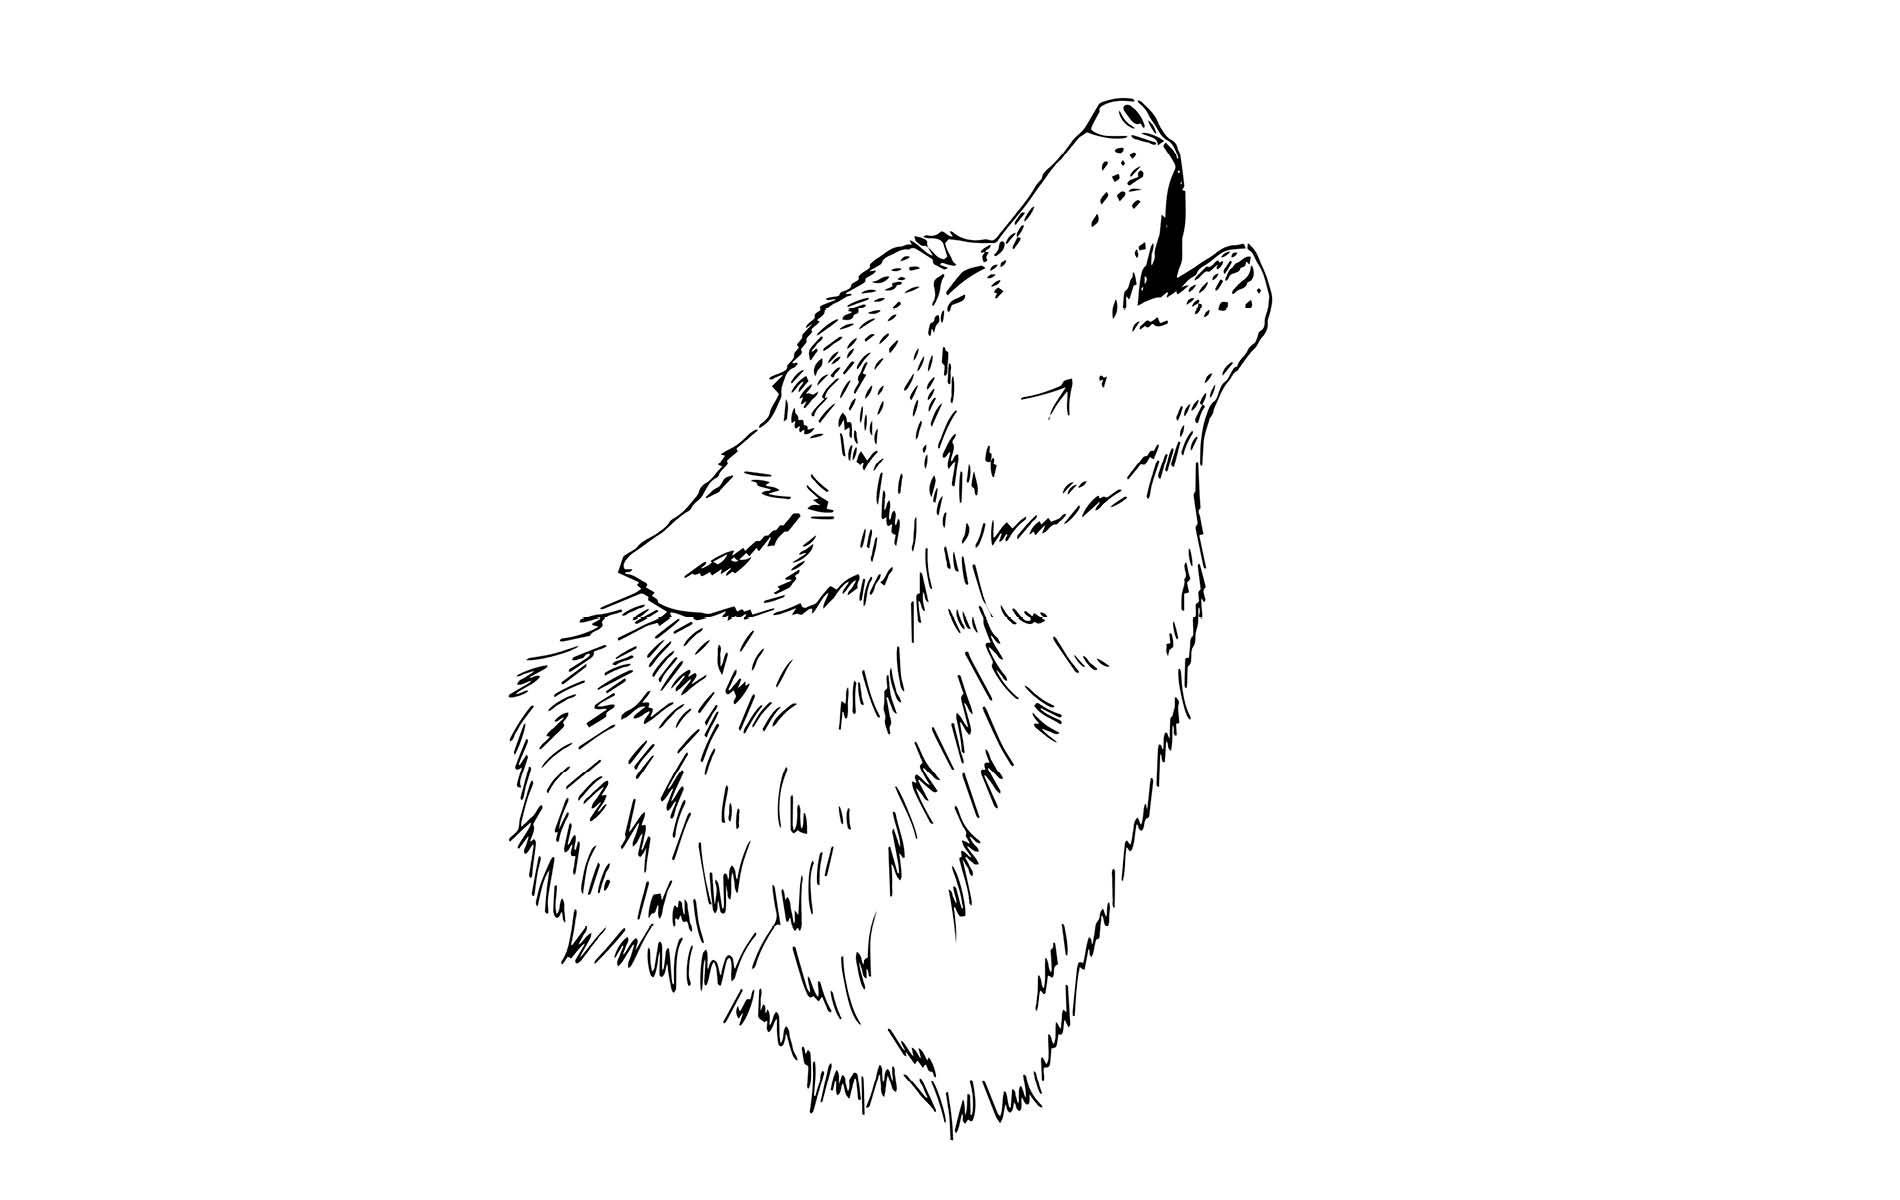 Skizze eines heulenden Wolfs